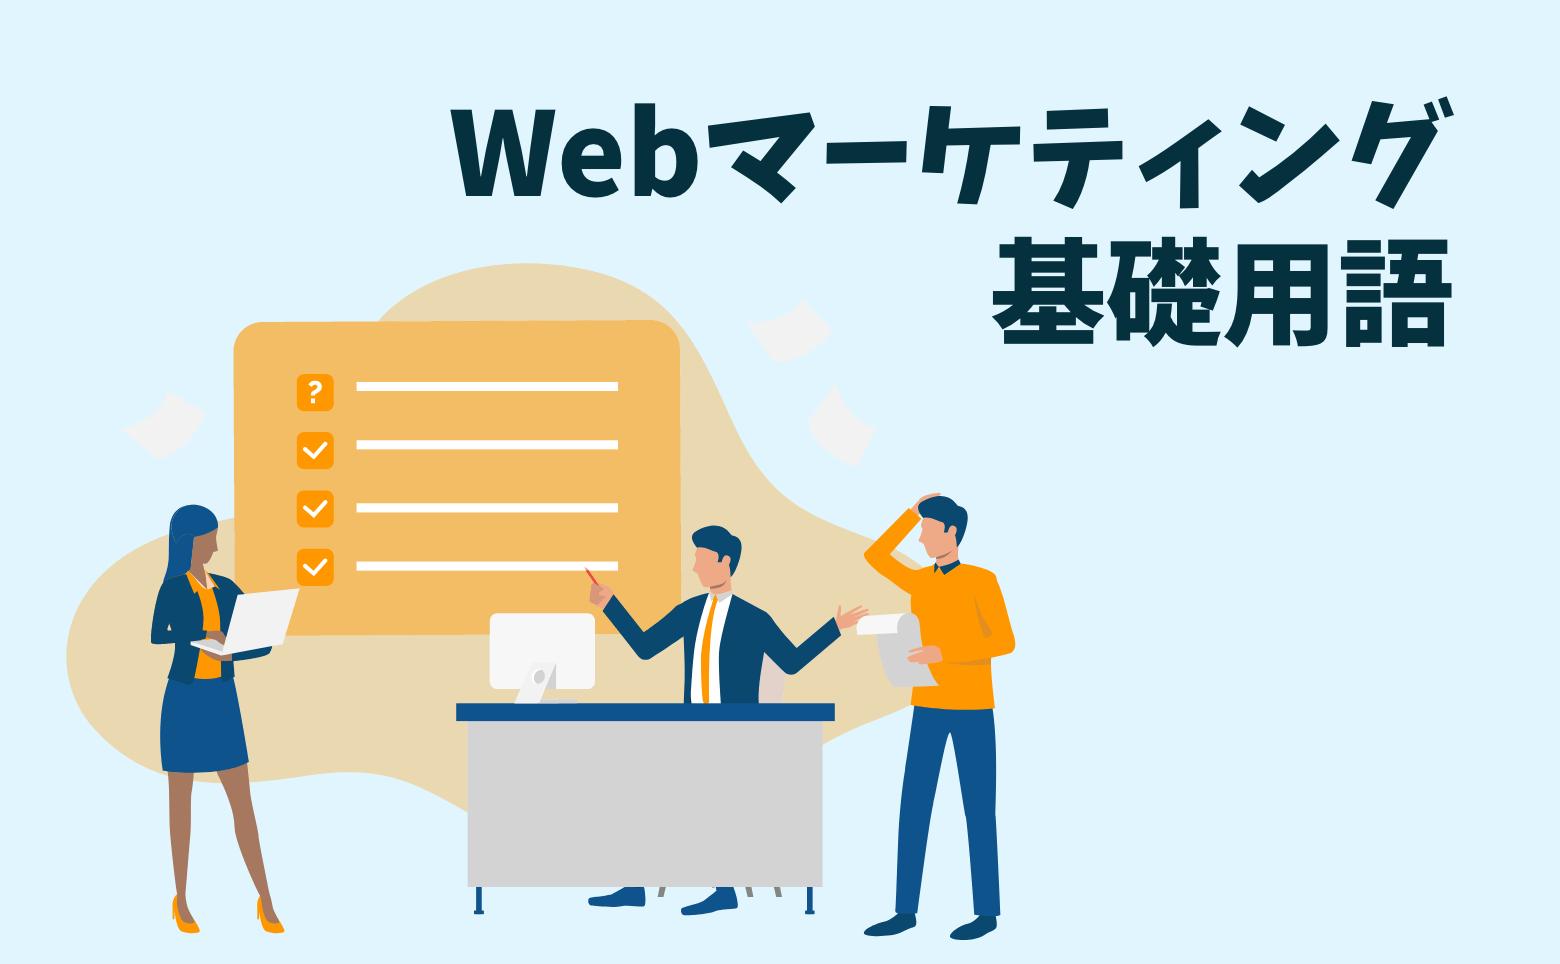 ゼロウェブマガジンの記事「【基礎用語一覧】Webマーケティング初心者が知っておくべき用語を完全解説!」のアイキャッチ画像